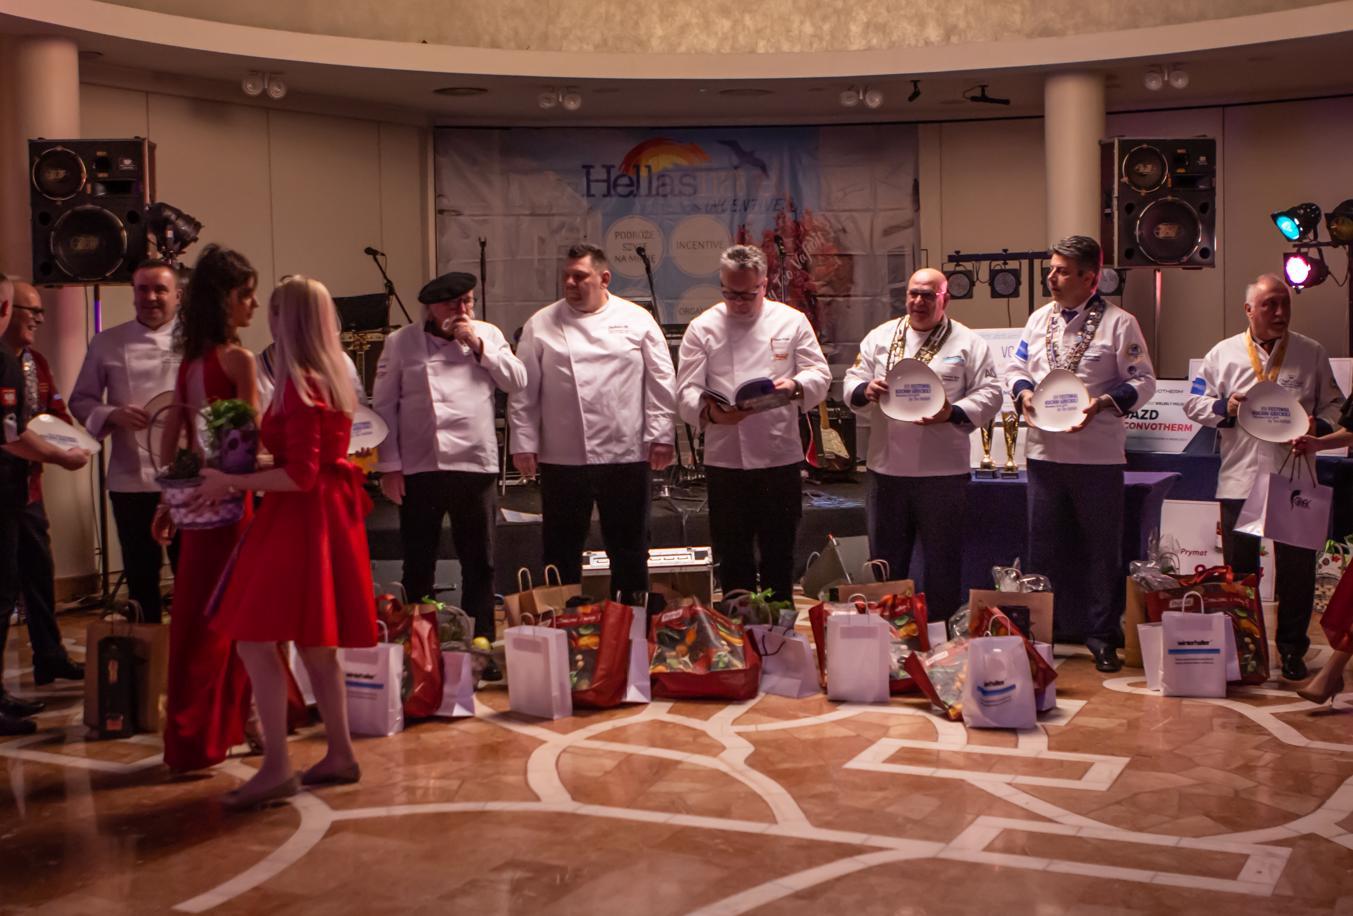 Festiwal Kuchni Greckiej za nami